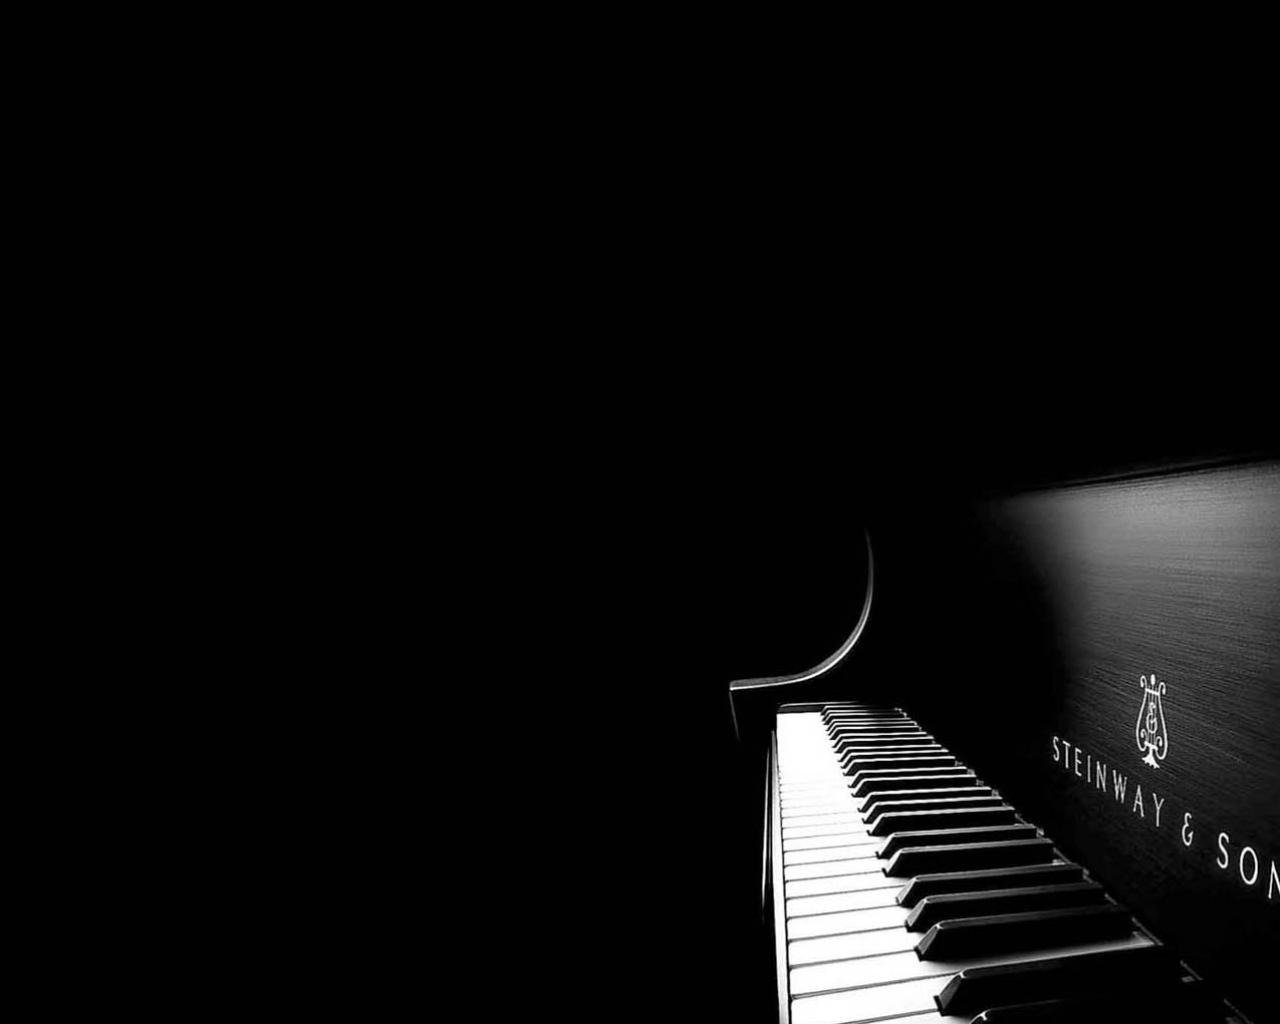 черно белые фотографии: